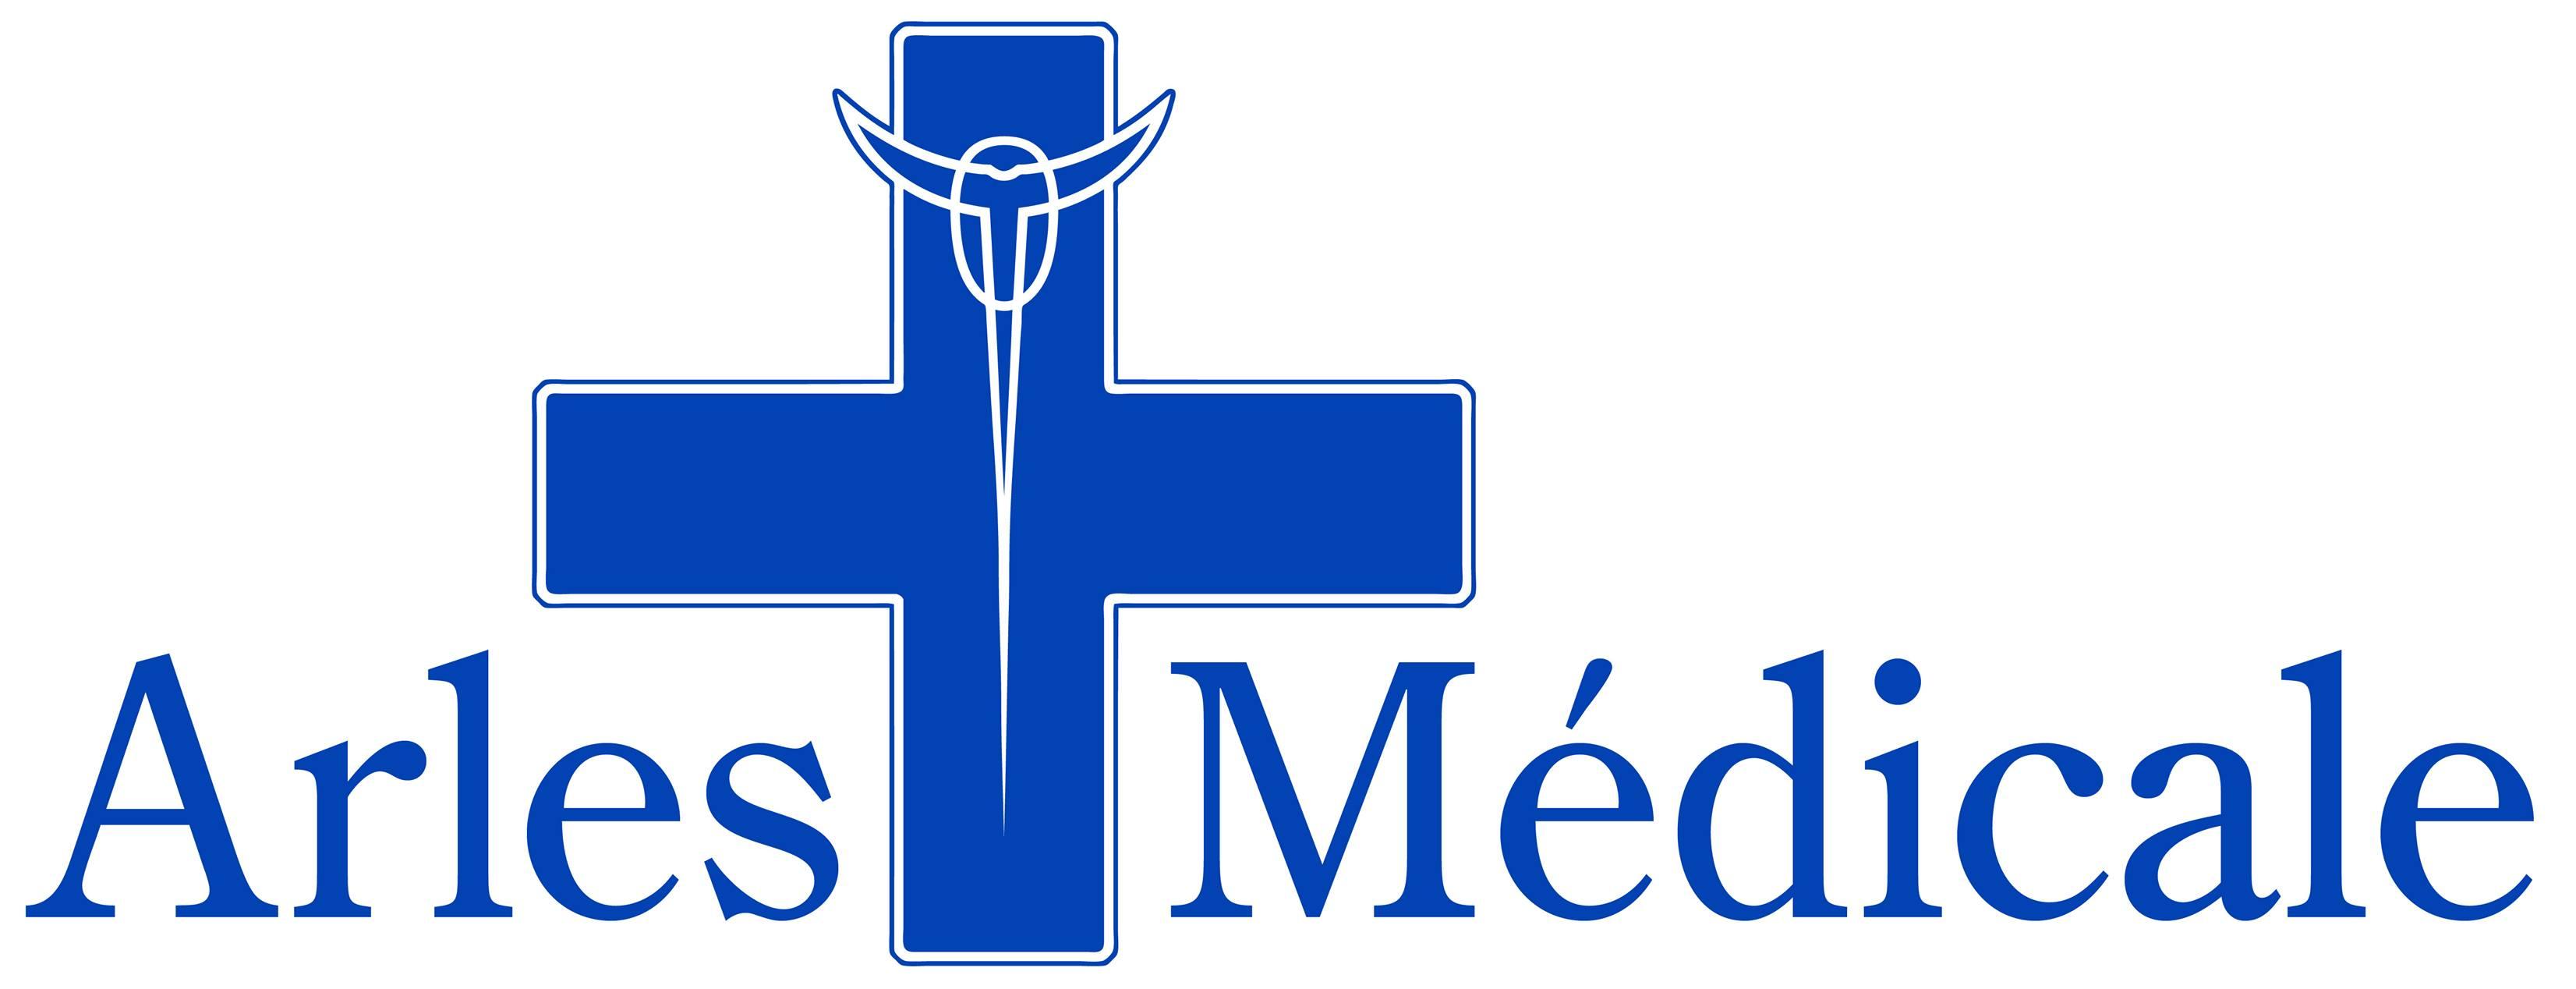 arles médicale the good adress